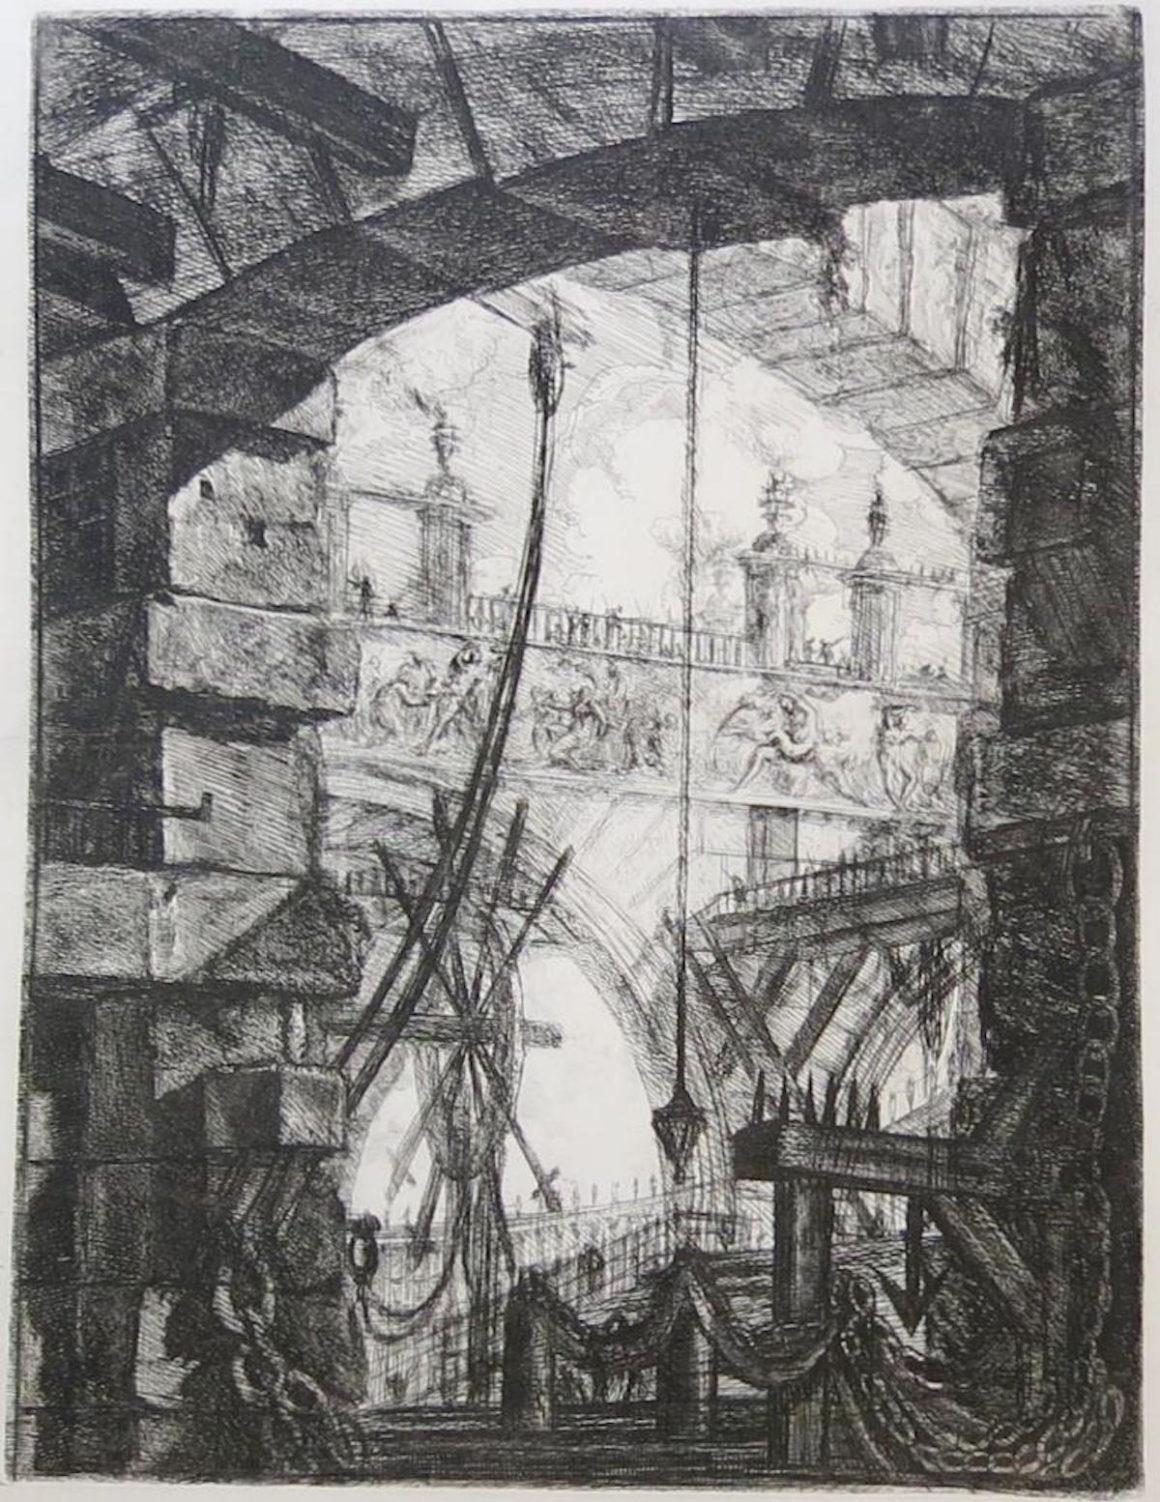 Giovanni Battista PIRANESI, La grande Piazza, 1749, eau-forte